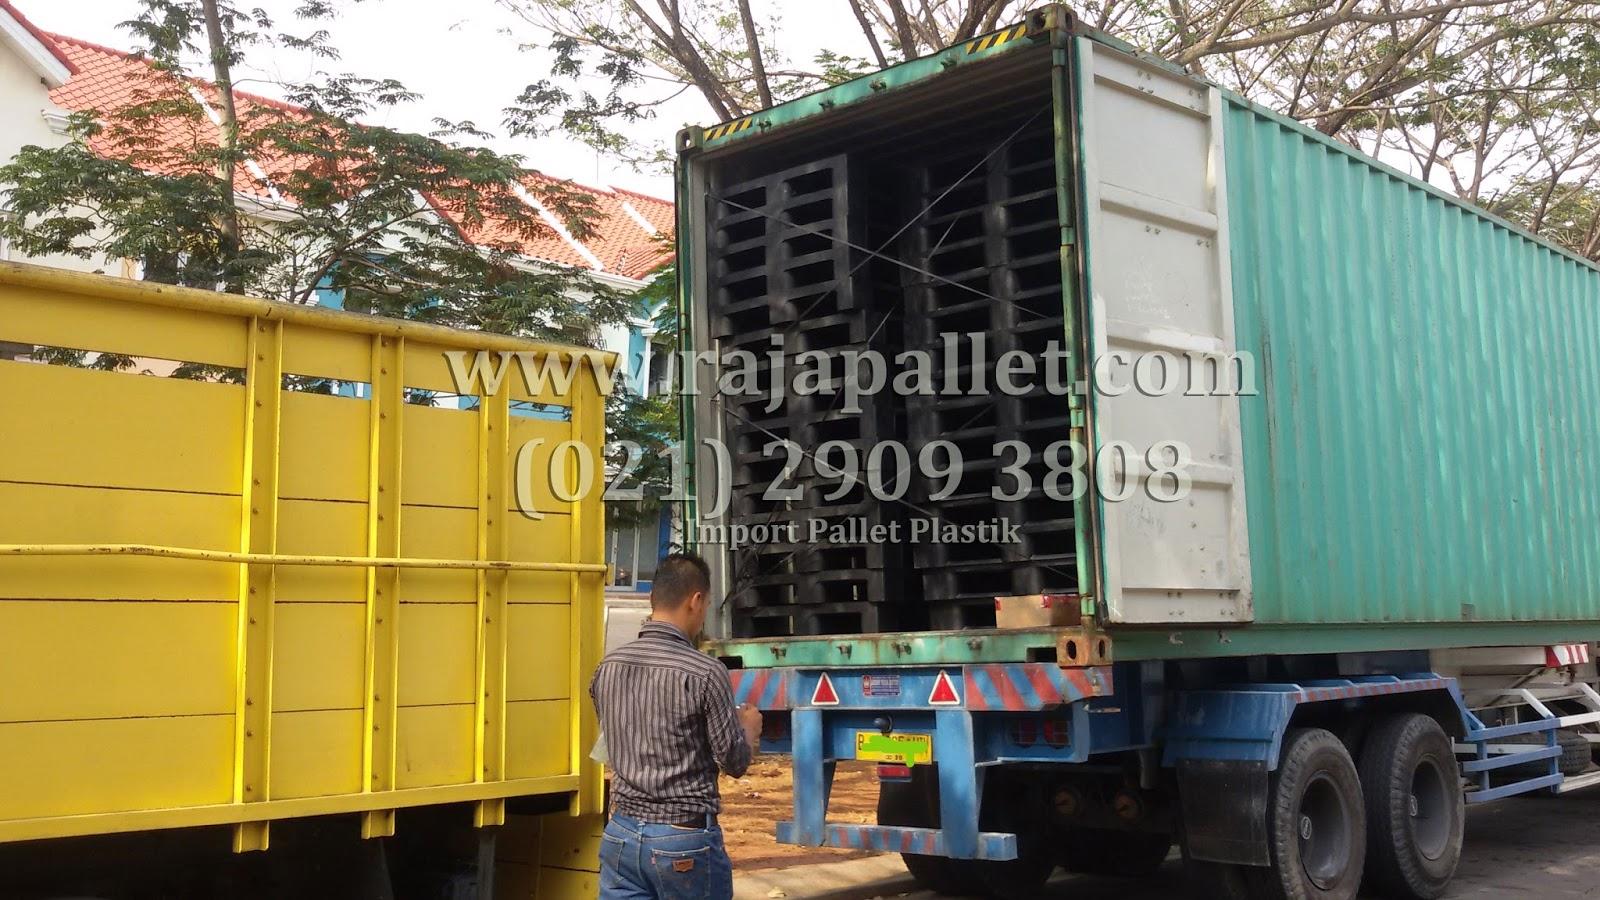 pallet plastik import